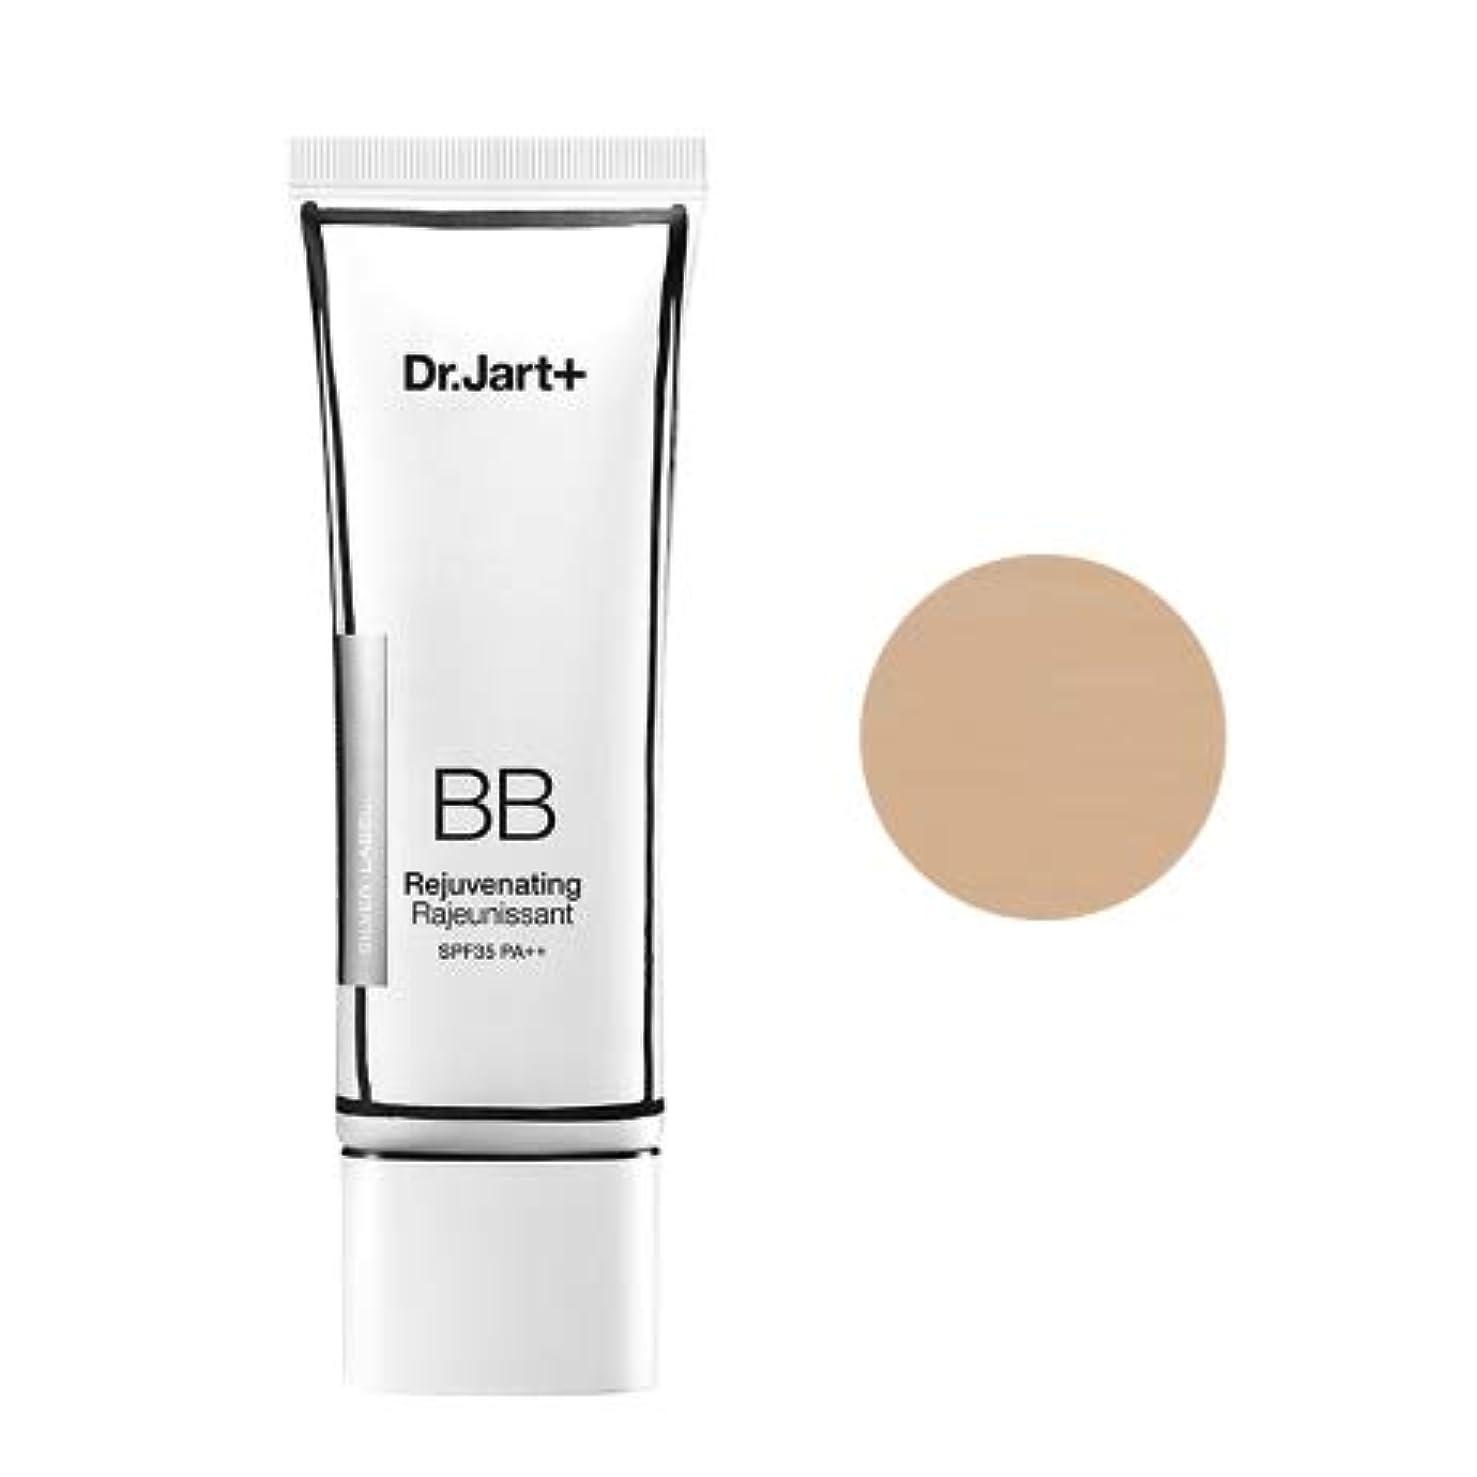 降ろすセットする六月[Upgrade] Dr.Jart+Dermakeup Rejuvenating Beauty Balm SPF35 PA++ 50ml /ドクタージャルトゥザメーキャップリージュビネイティンビューティーバーム SPF35...